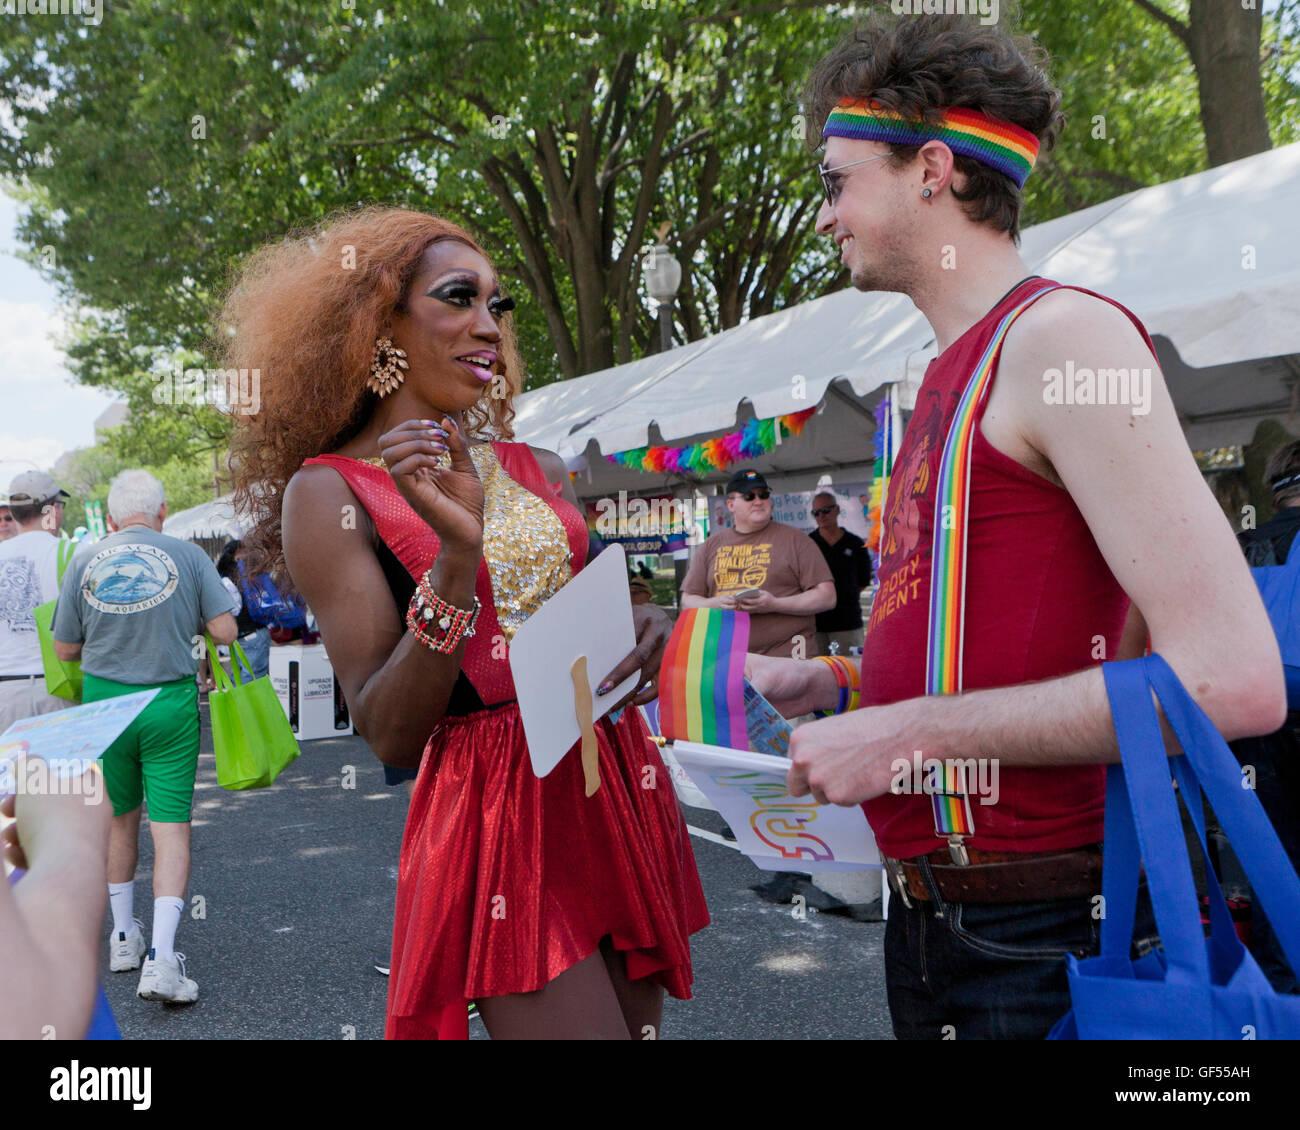 Drag Queen noir modèle de promotion à un événement LGBT - USA Photo Stock